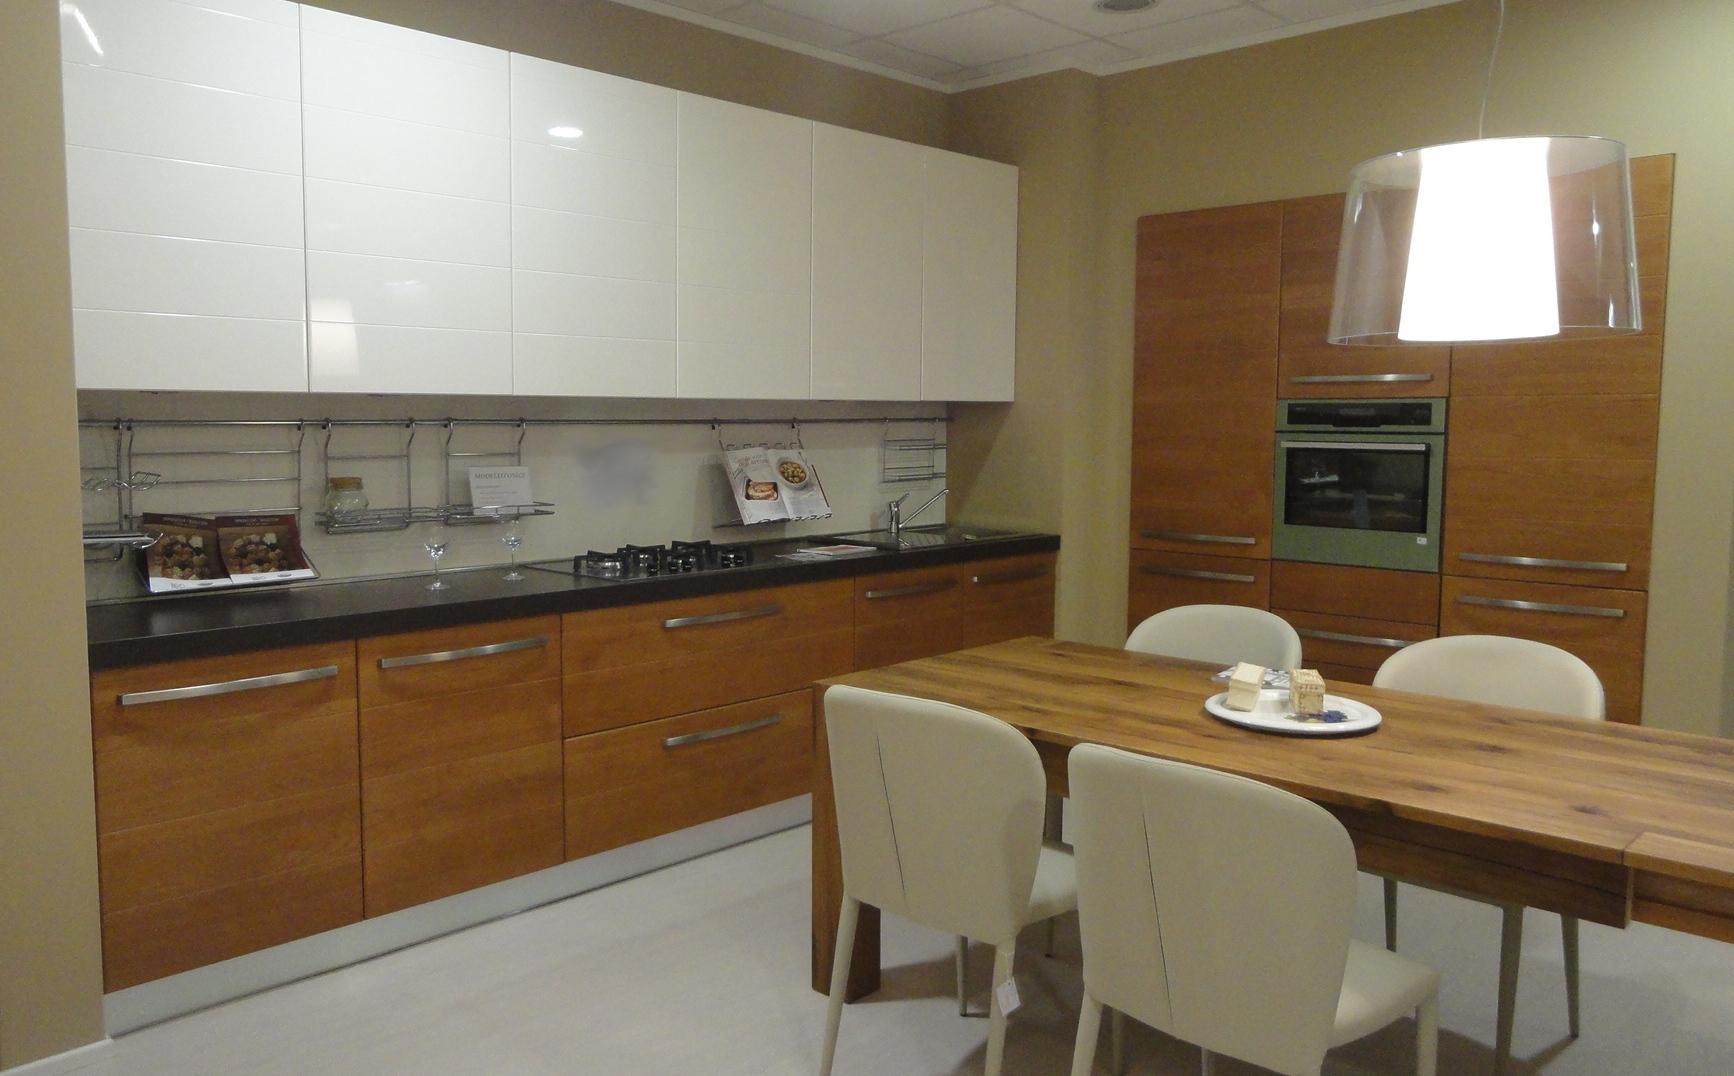 Carrelli cucina conforama - Carrelli estraibili per cucine ...